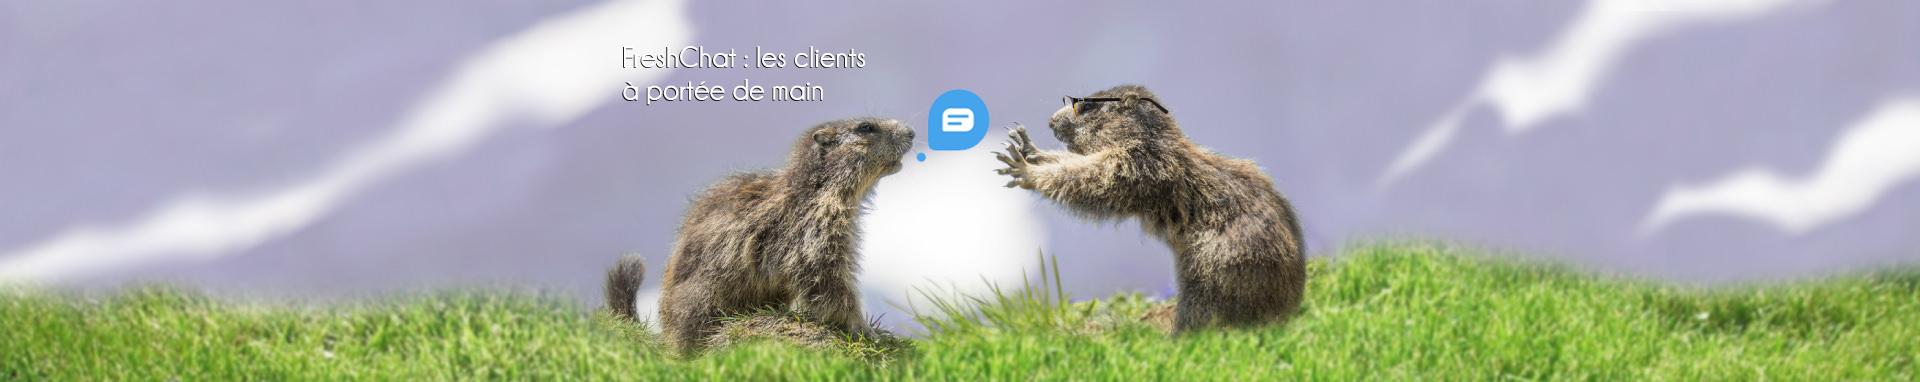 Freshchat, les clients à portée de main